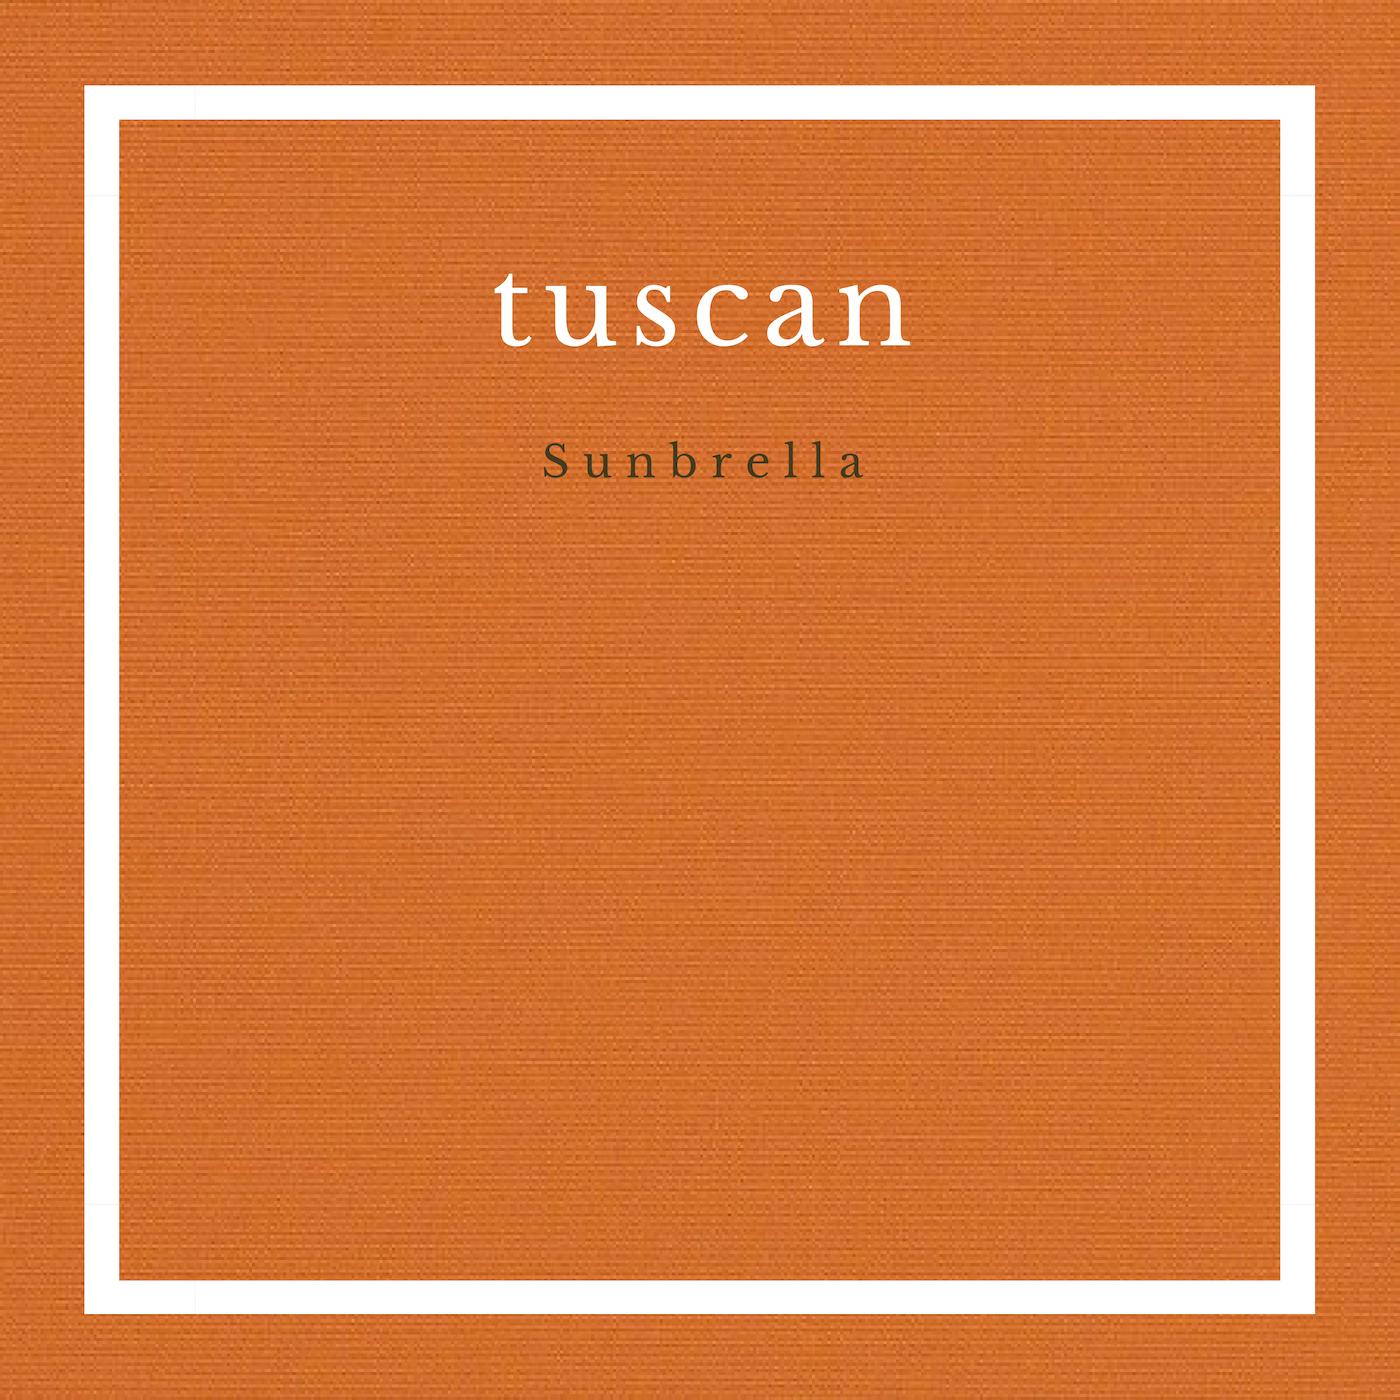 tuscan-sunbrella.jpg